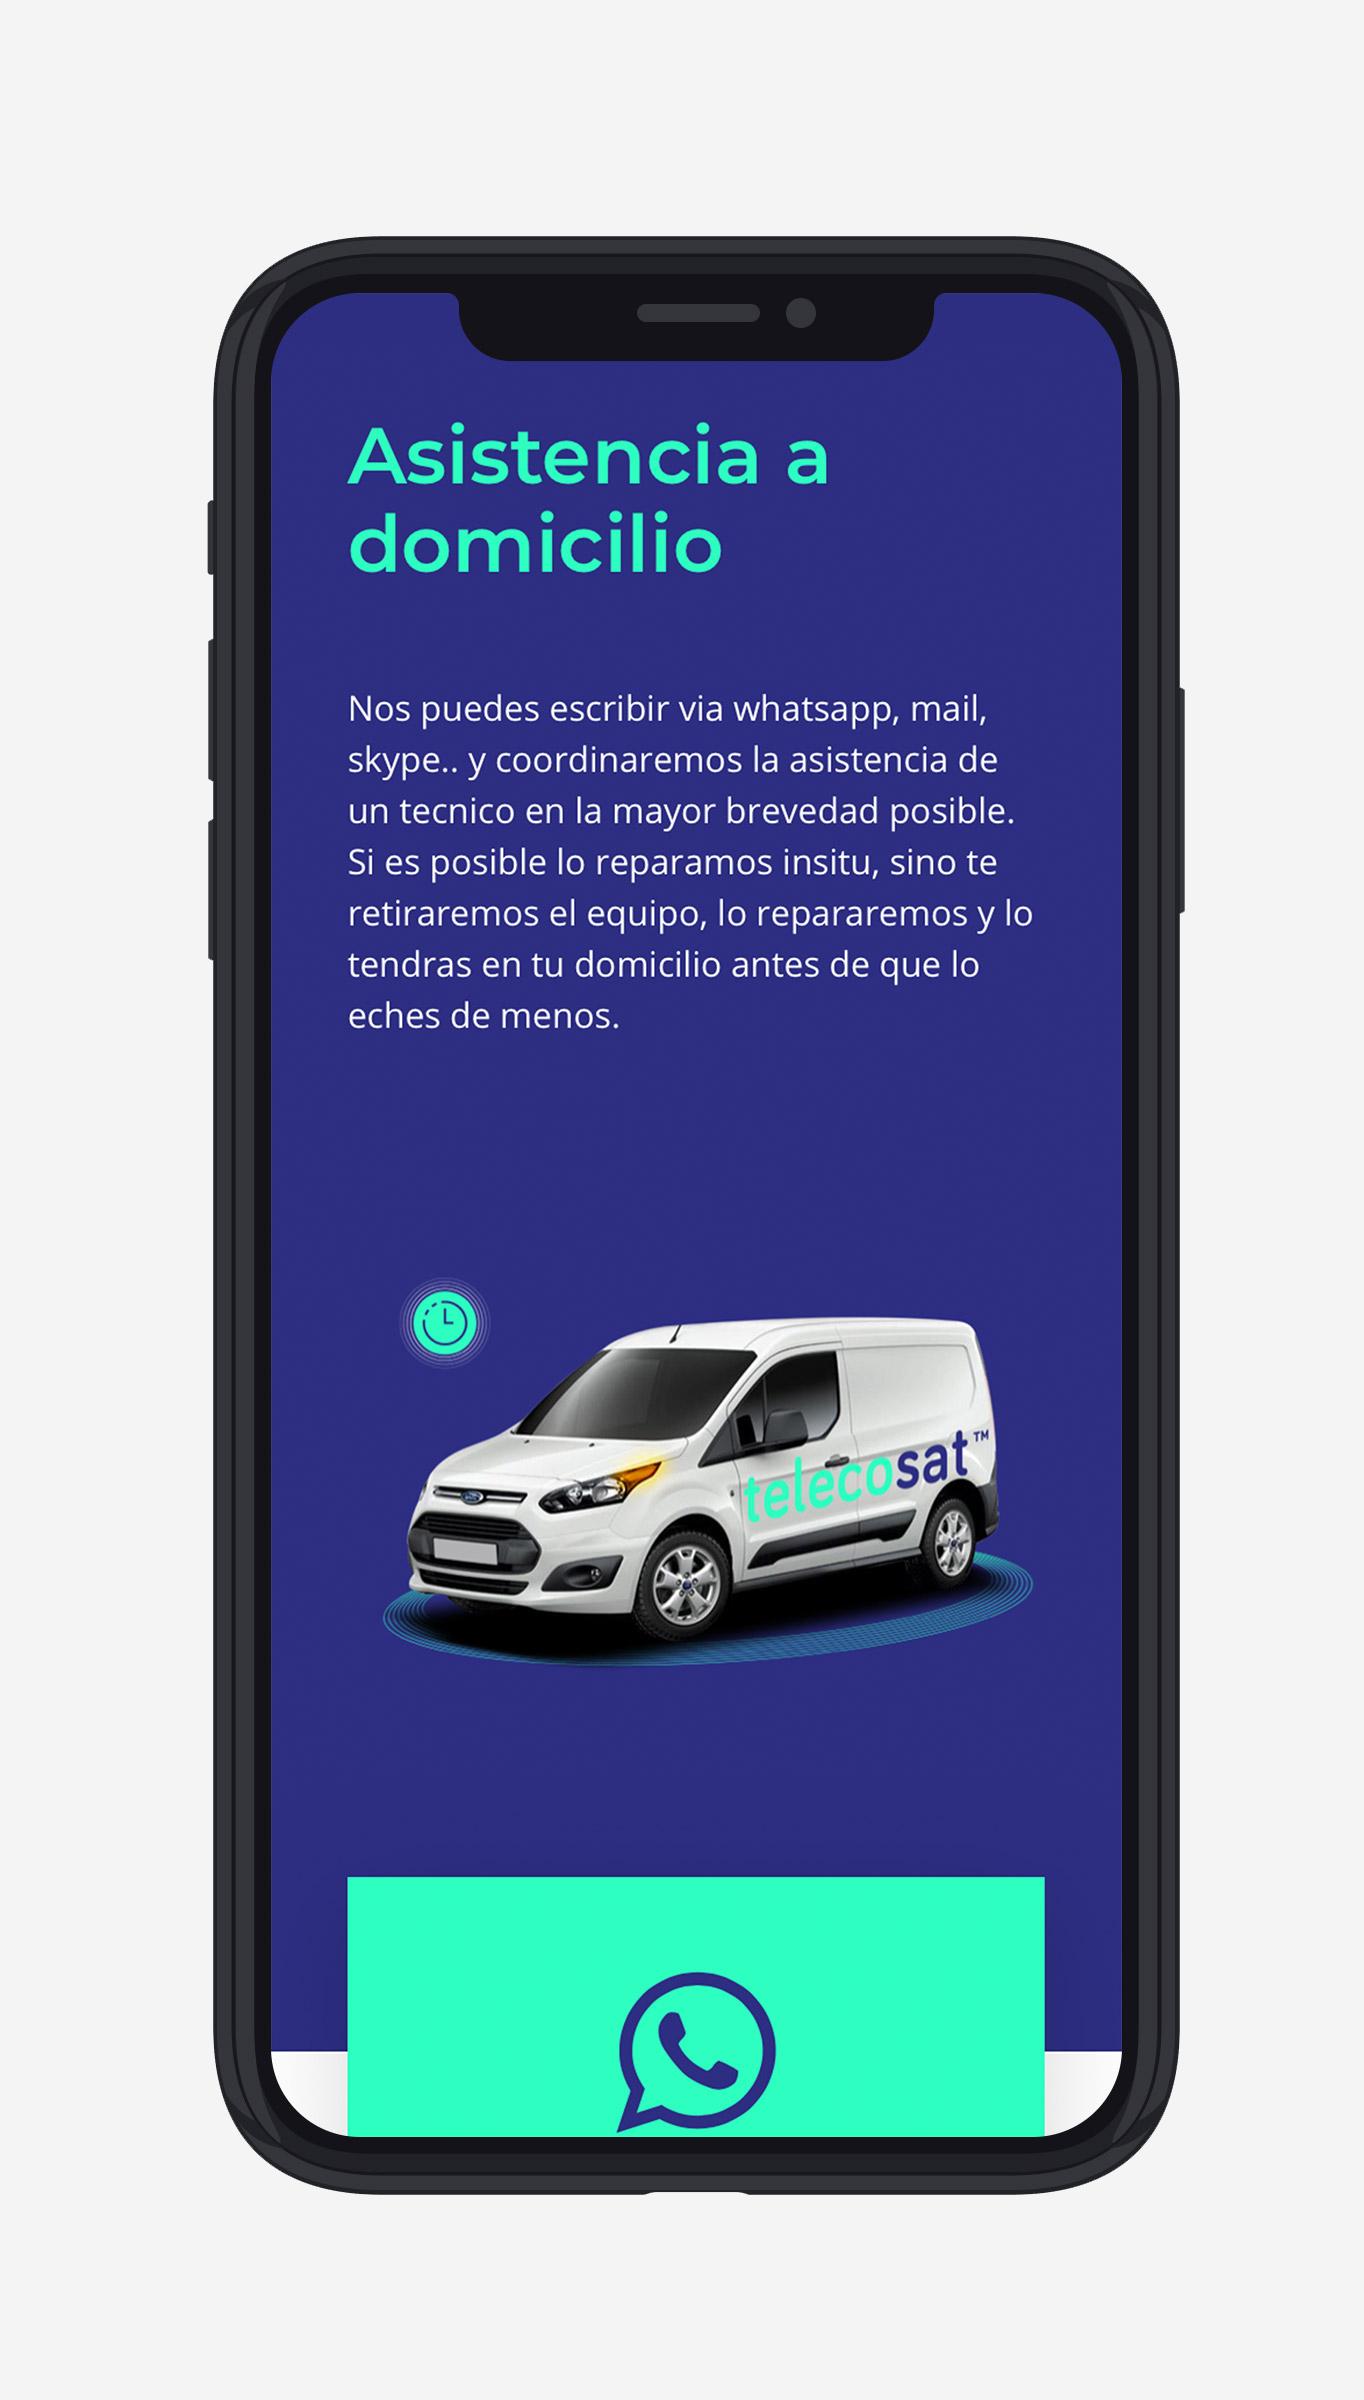 disseny gràfic i web per a Telecosat realitzat per Crits Gràfics Lleida